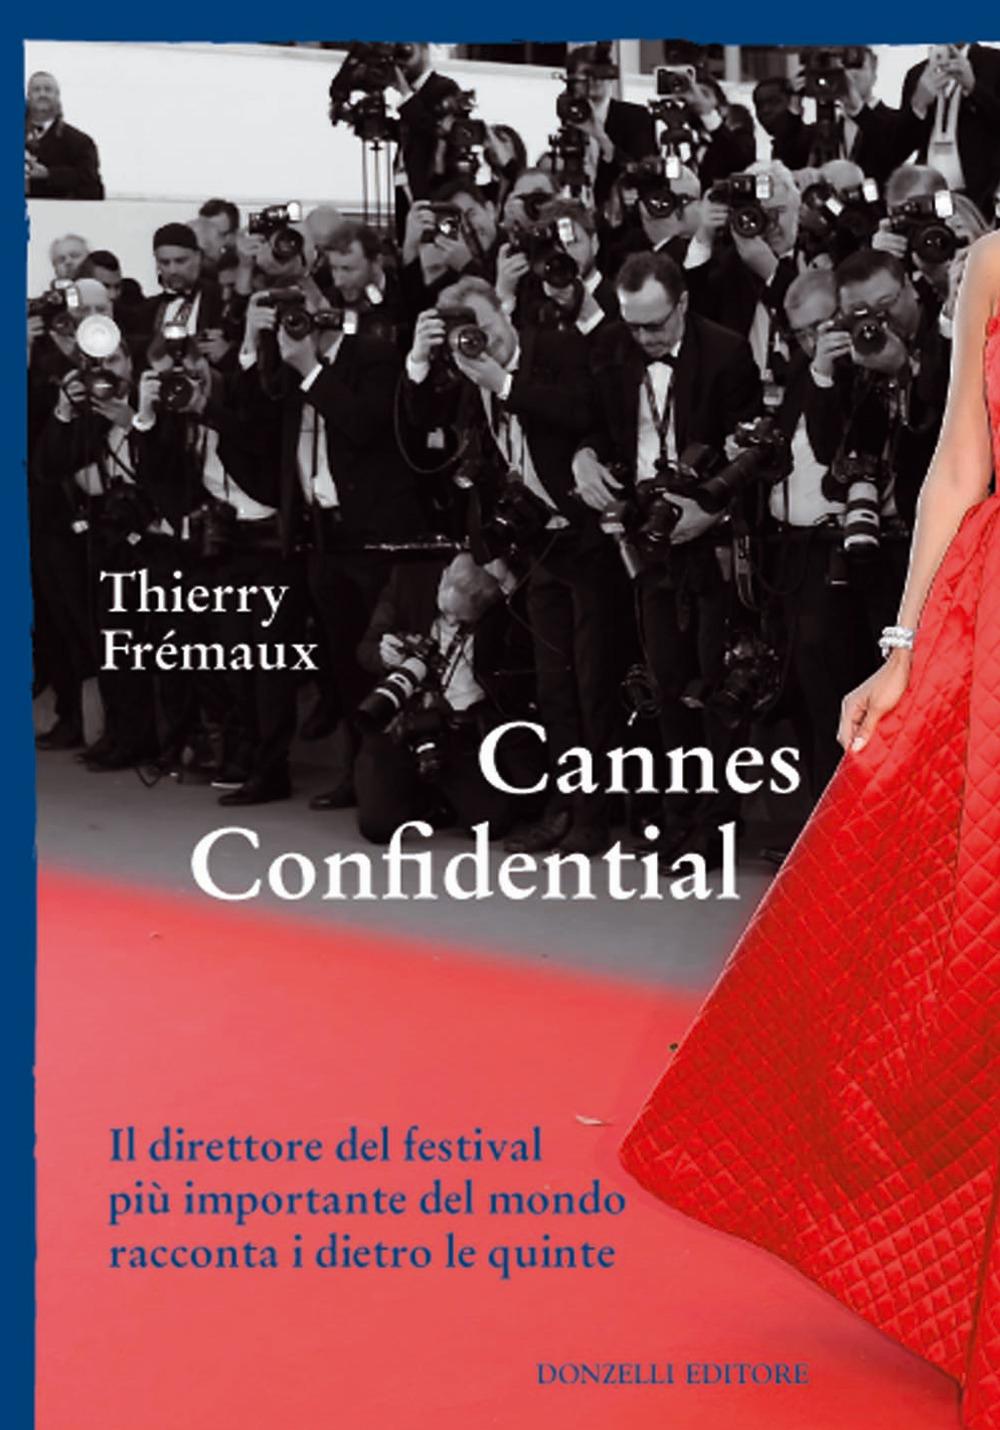 CANNES CONFIDENTIAL. IL DIRETTORE DEL FESTIVAL PIÙ IMPORTANTE DEL MONDO RACCONTA I DIETRO LE QUINTE - Fremaux Thierry - 9788868438647